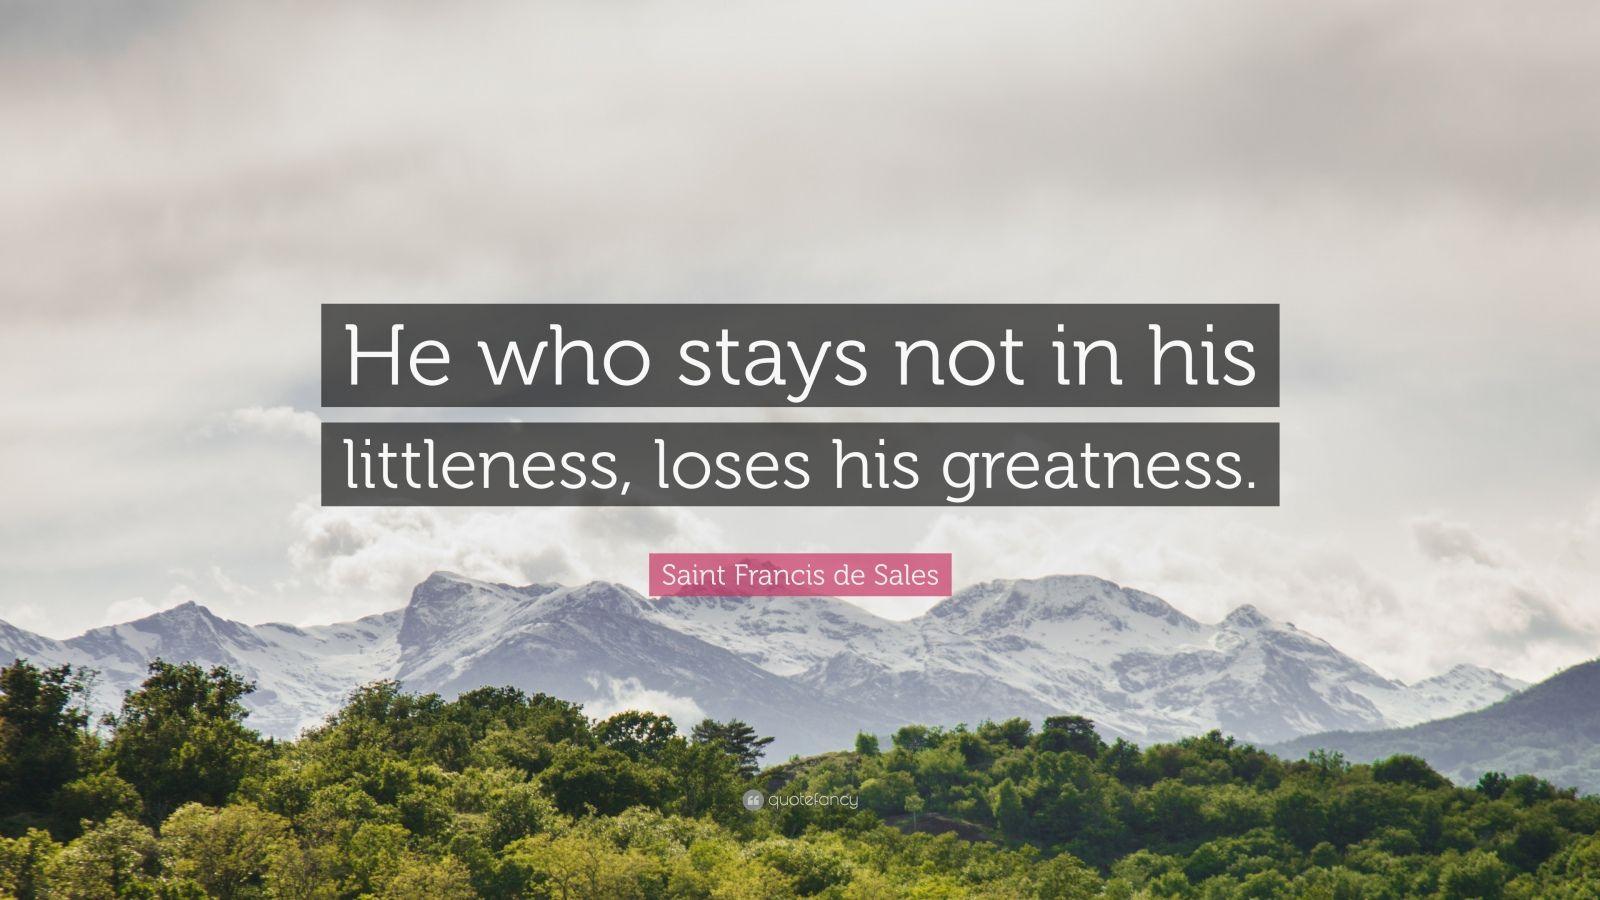 Saint Francis de Sales Quotes (100 wallpapers) - Quotefancy